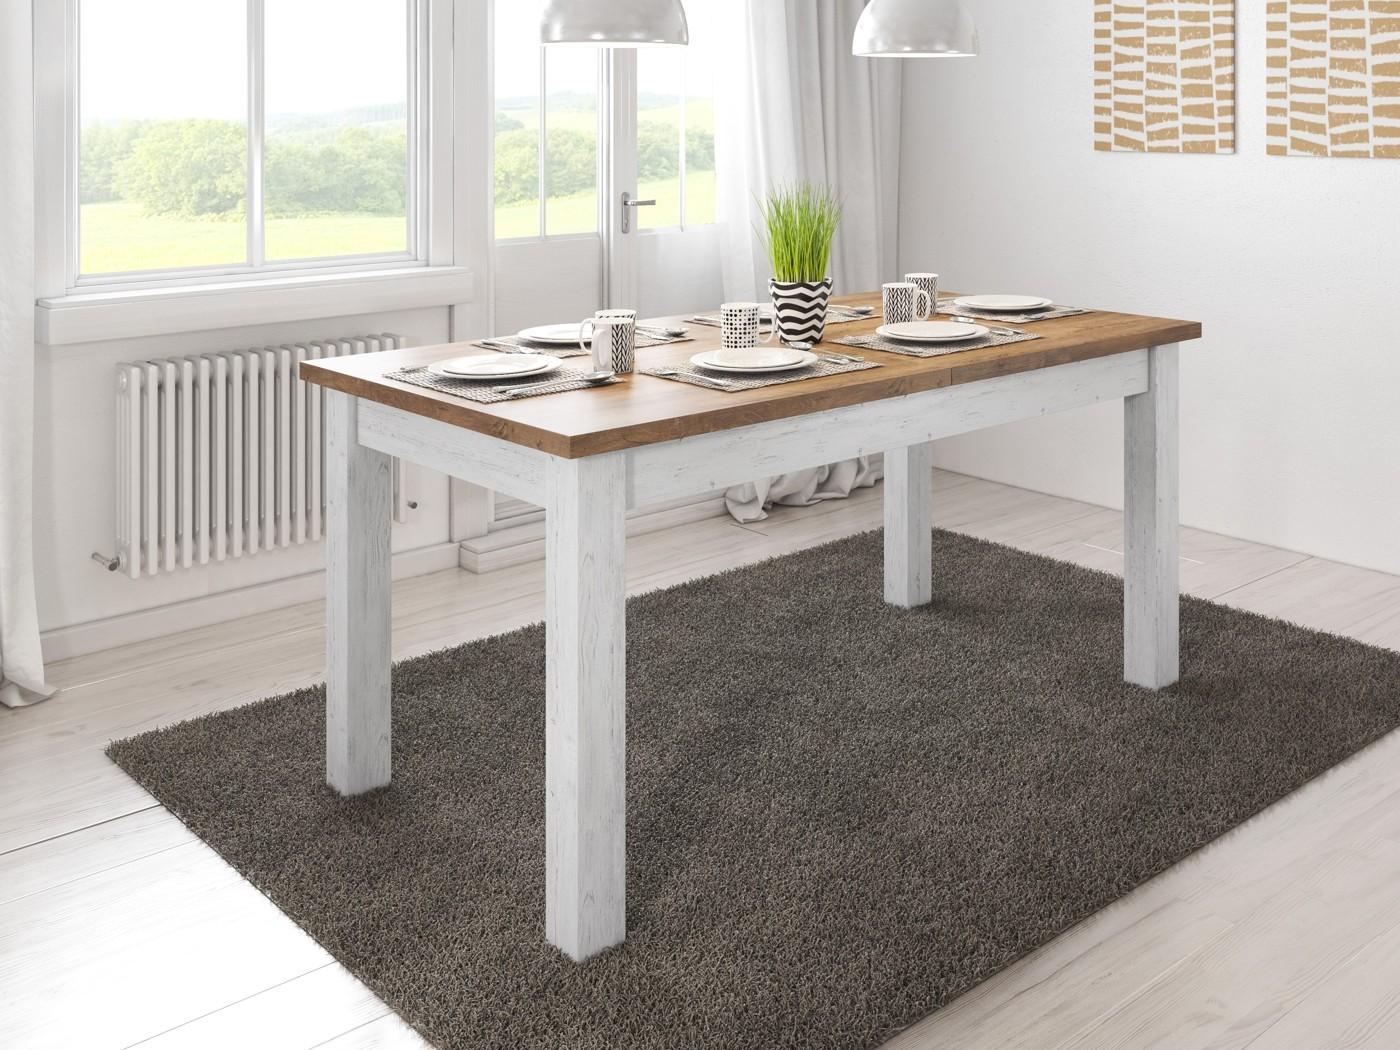 Witte Eettafel 160.Eetkamertafel Parello 160 Wit Eiken Uitschuifbaar Meubella